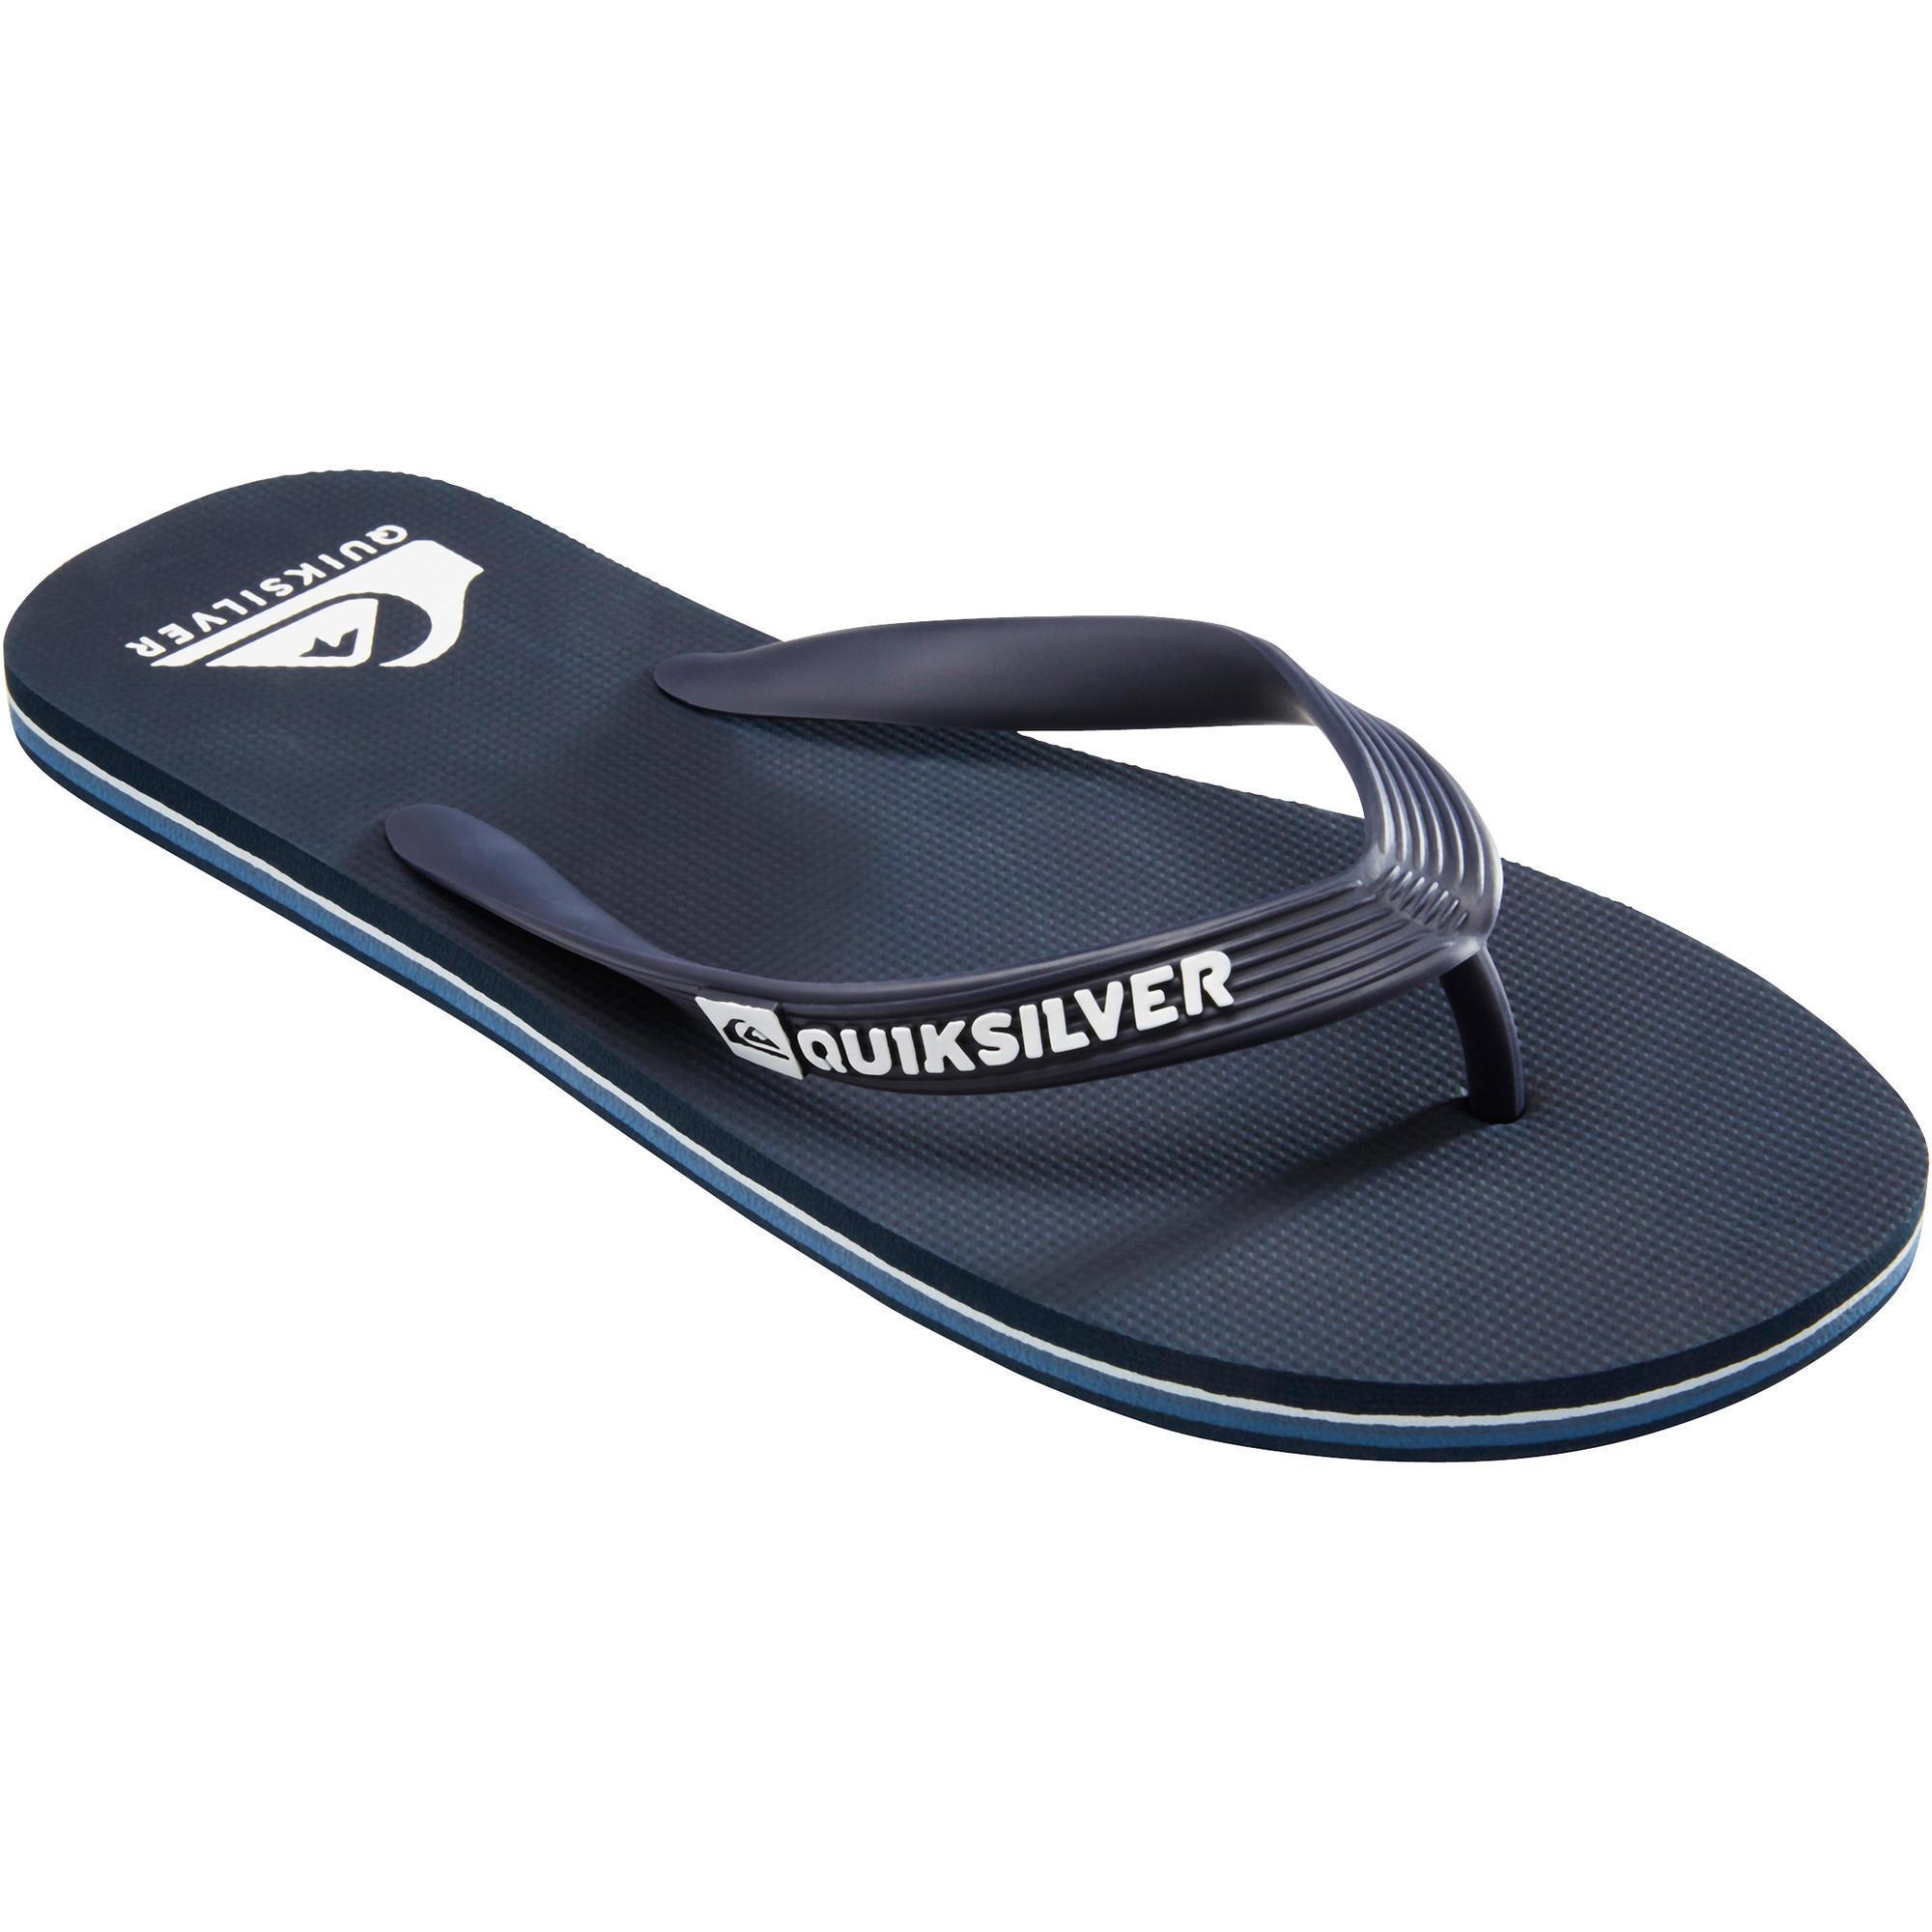 Quiksilver Herenslippers MOLOKAI WAVE Quiksilver donkerblauw